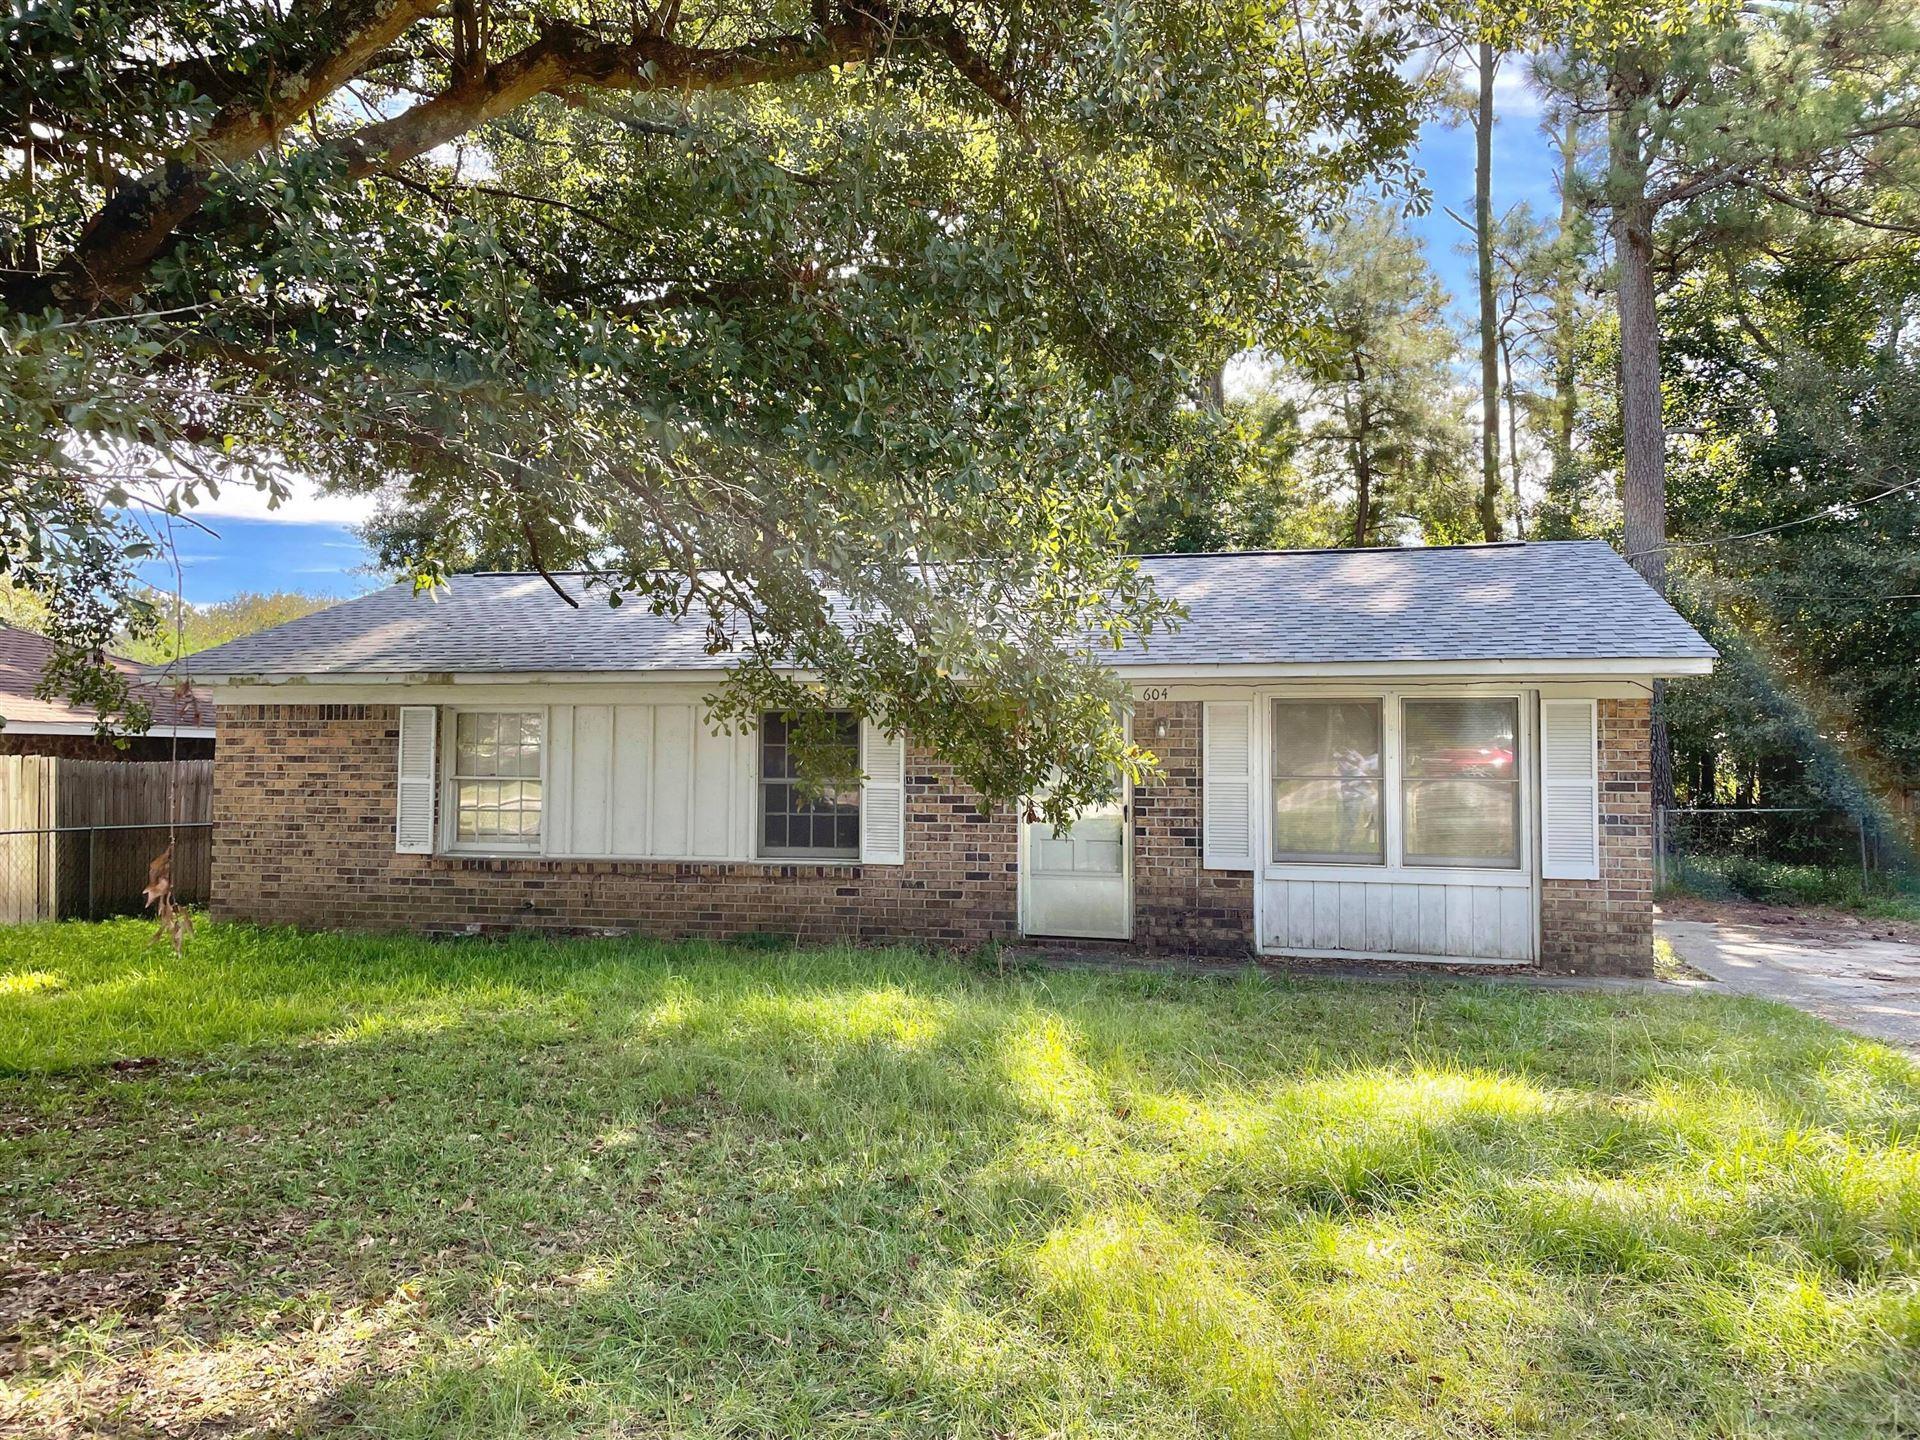 Photo of 604 Beech Hill Road, Summerville, SC 29485 (MLS # 21028613)